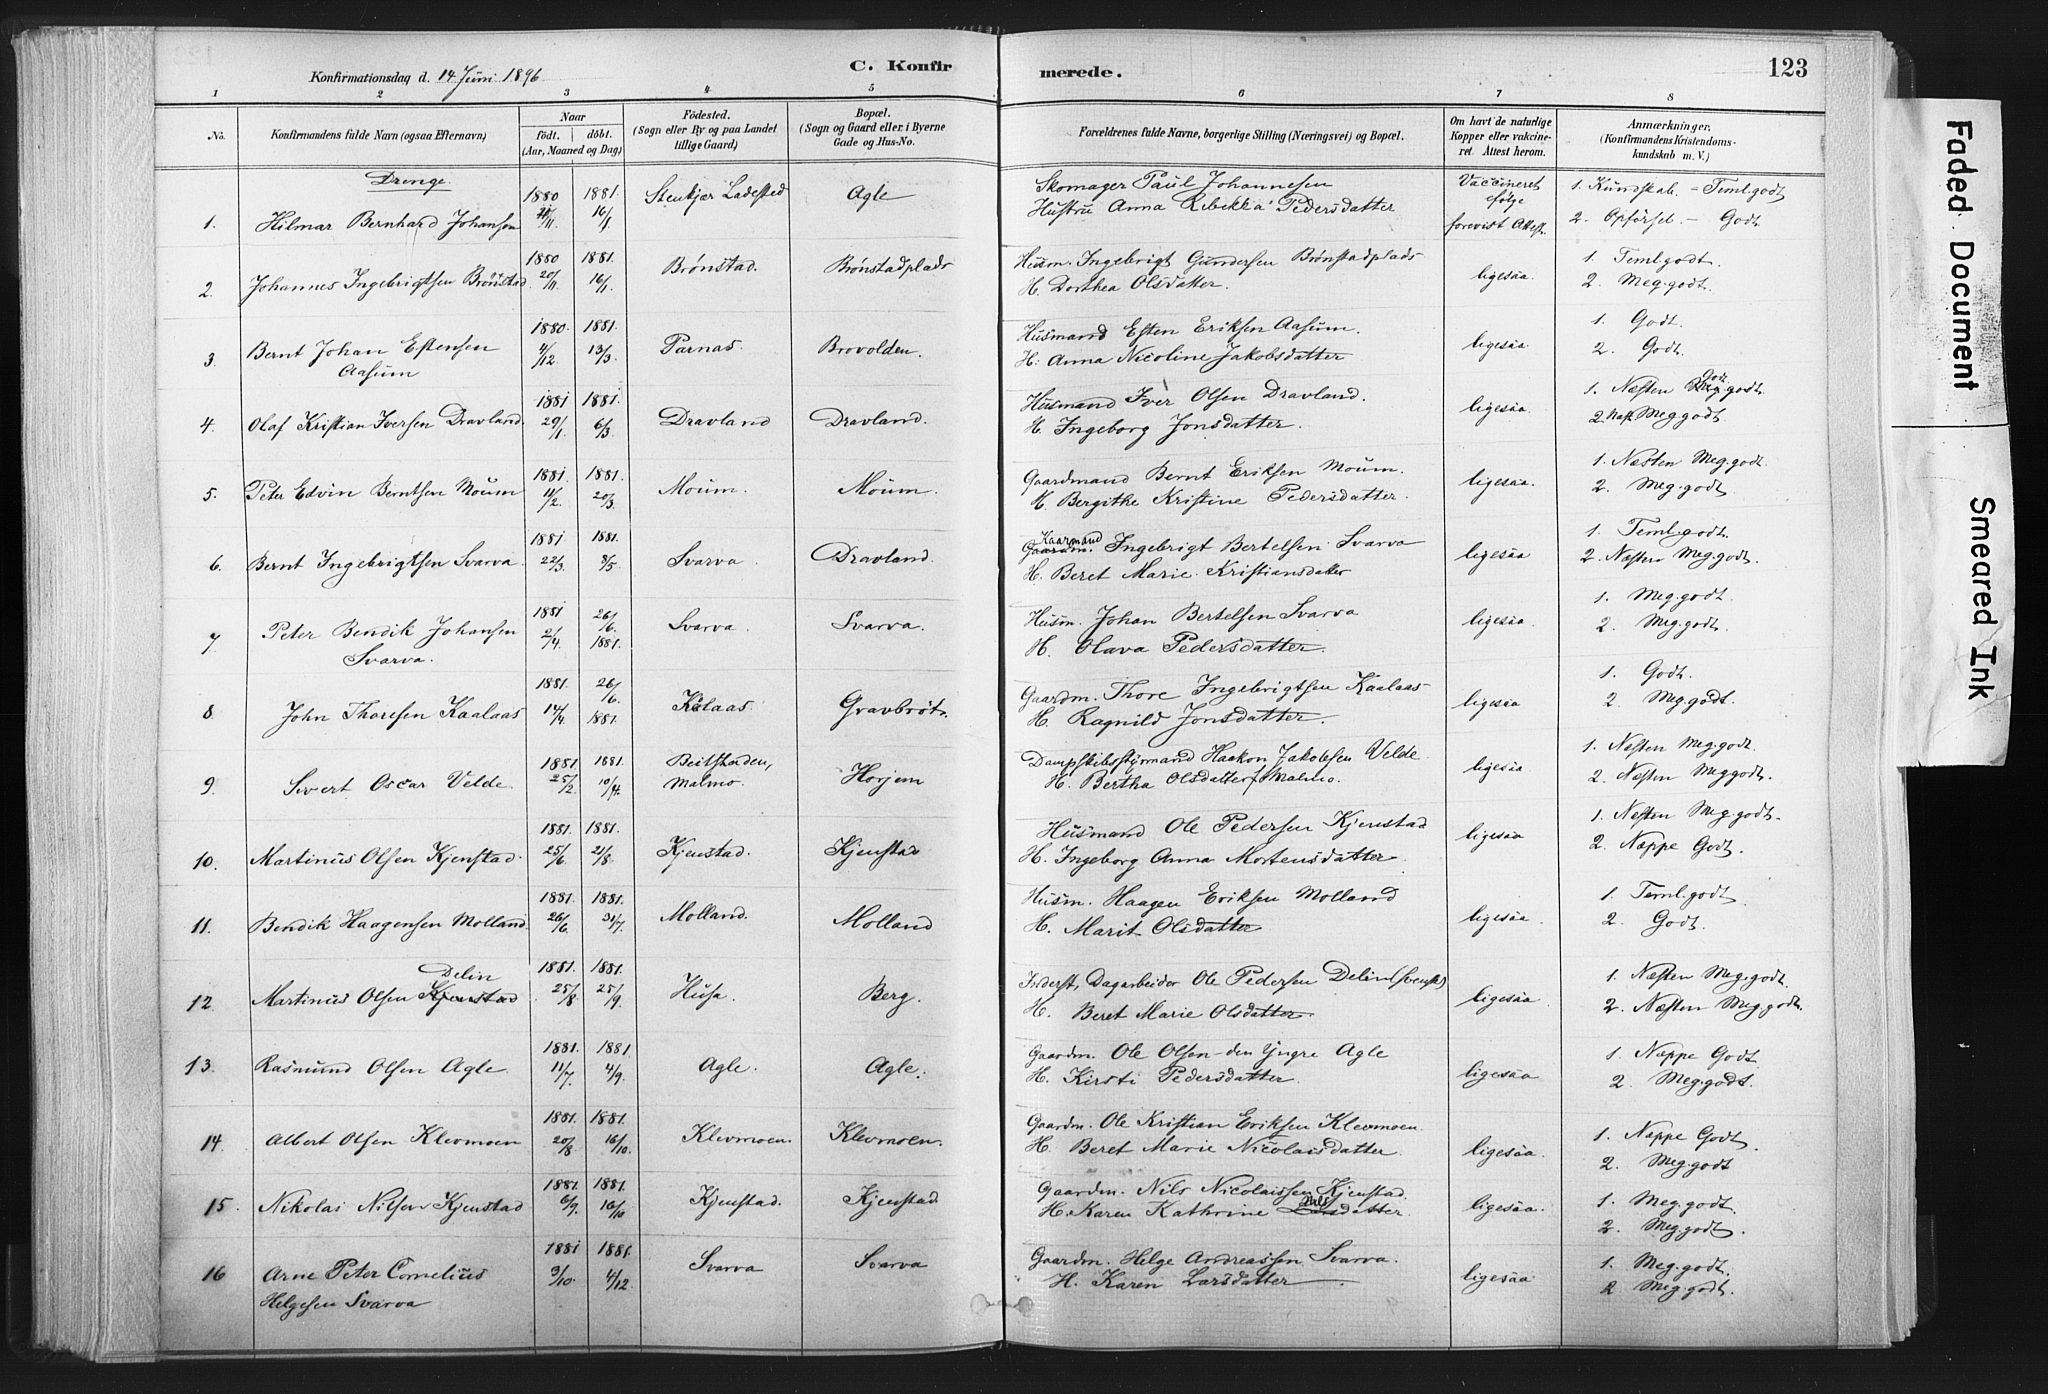 SAT, Ministerialprotokoller, klokkerbøker og fødselsregistre - Nord-Trøndelag, 749/L0474: Ministerialbok nr. 749A08, 1887-1903, s. 123